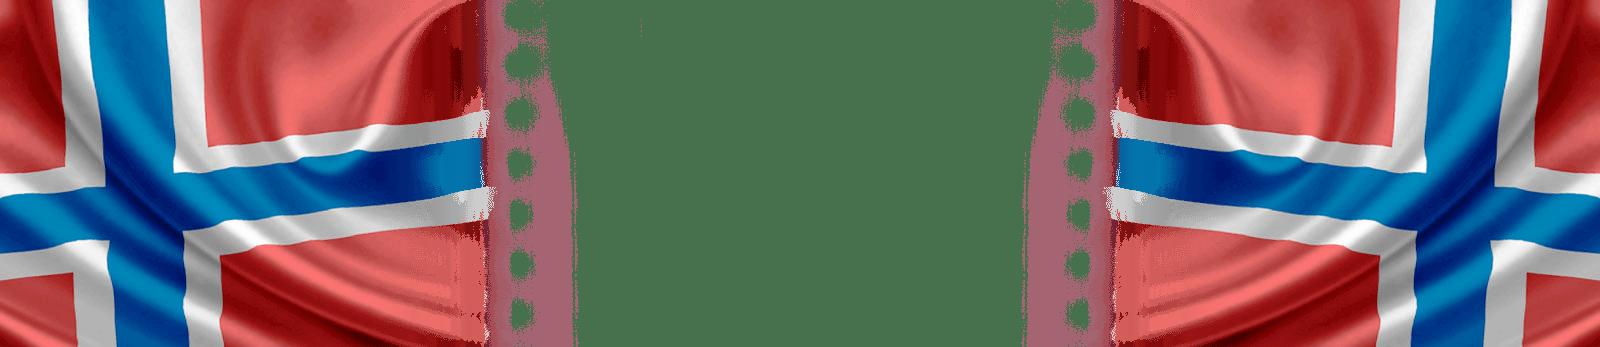 zwrot podatku norwegia